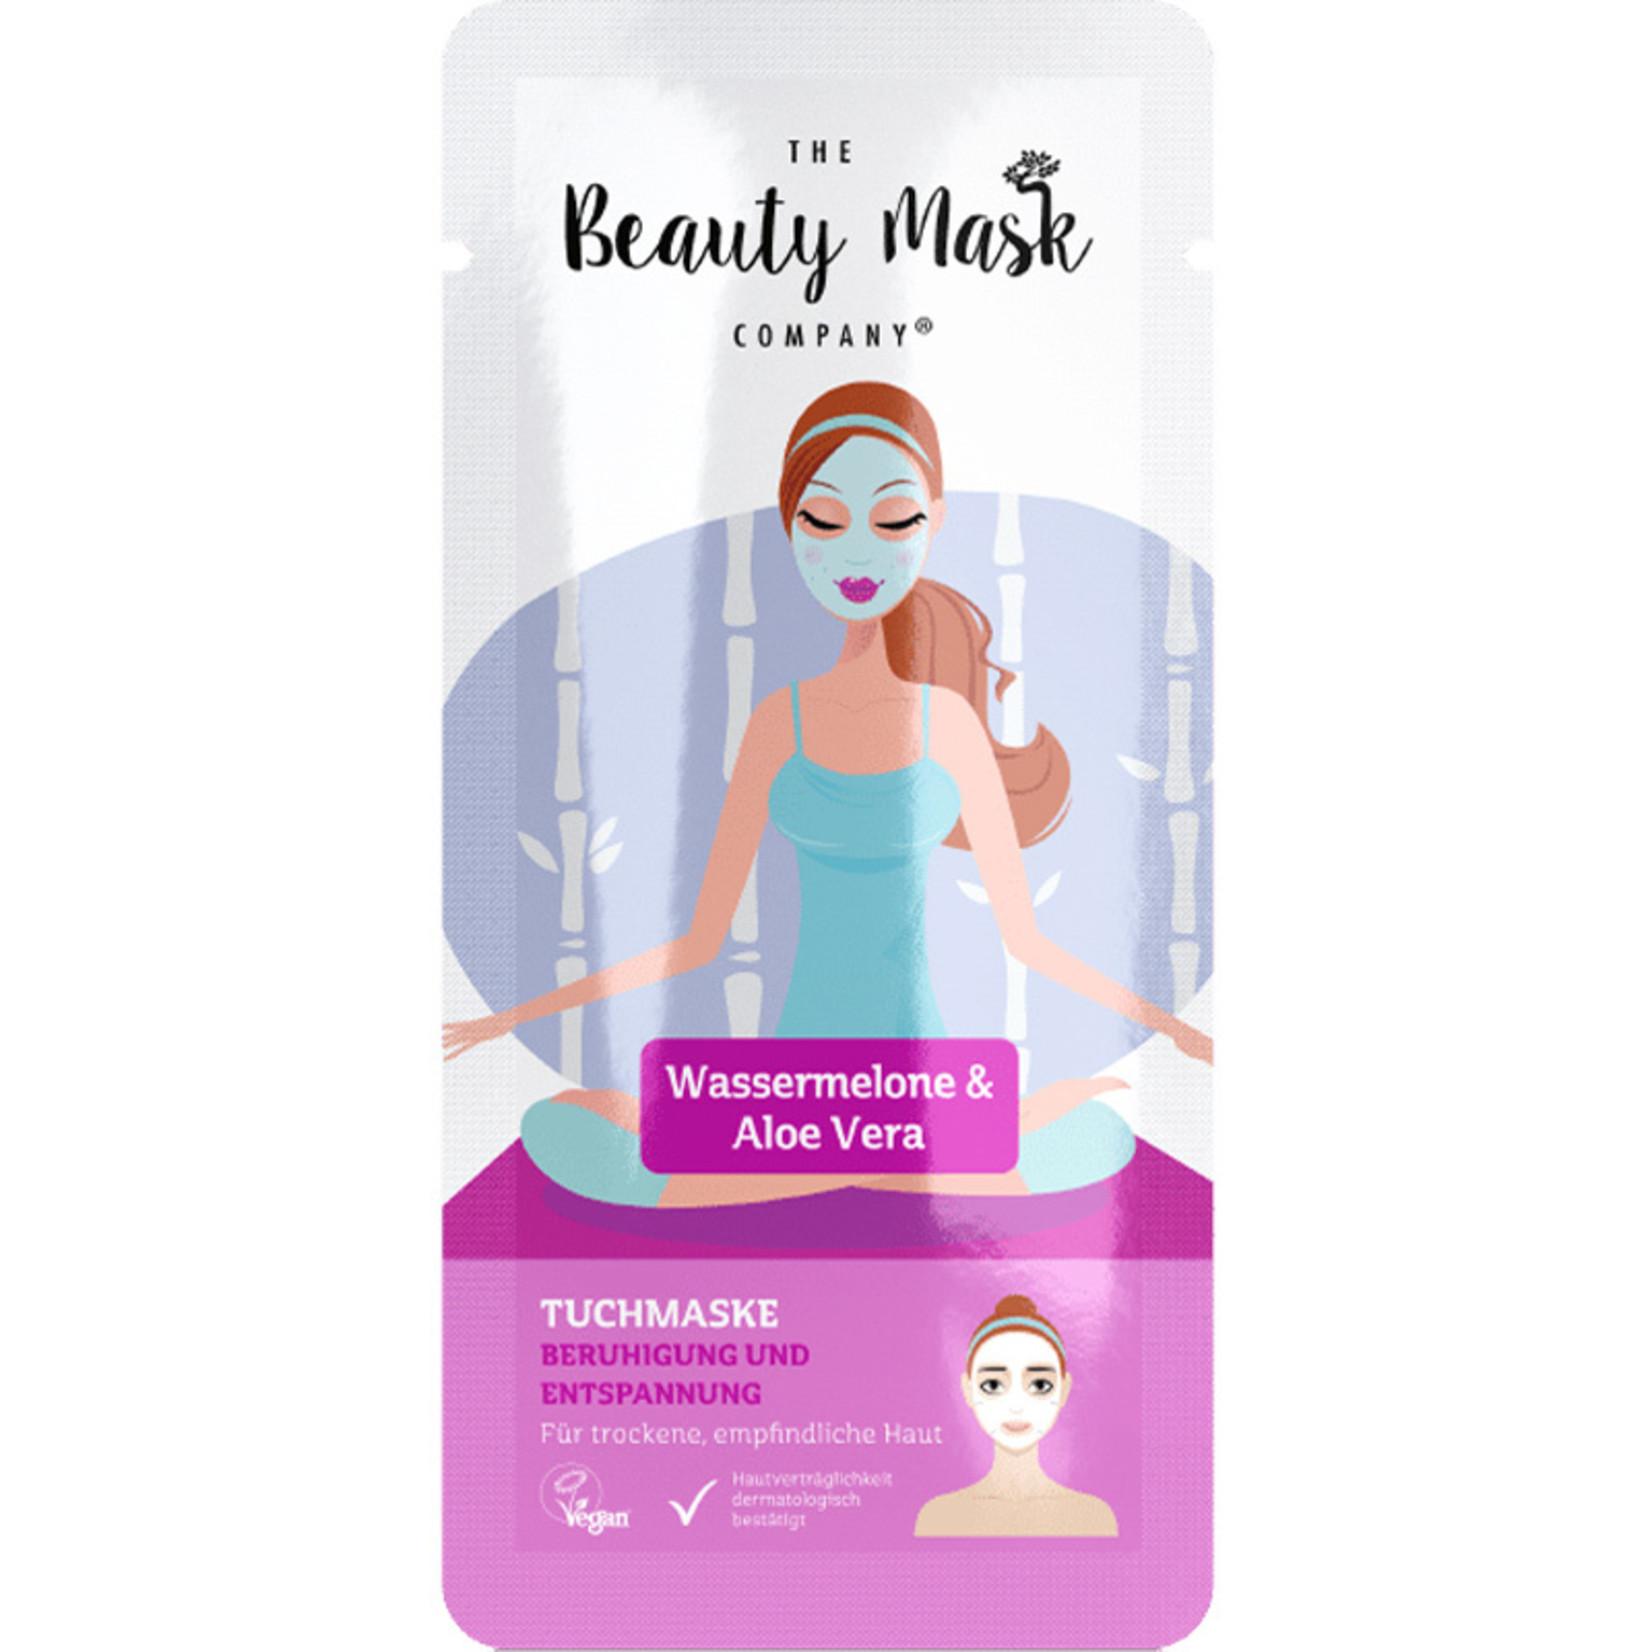 The Beauty Mask Company Sheet Mask #Watermelon & Aloe Vera